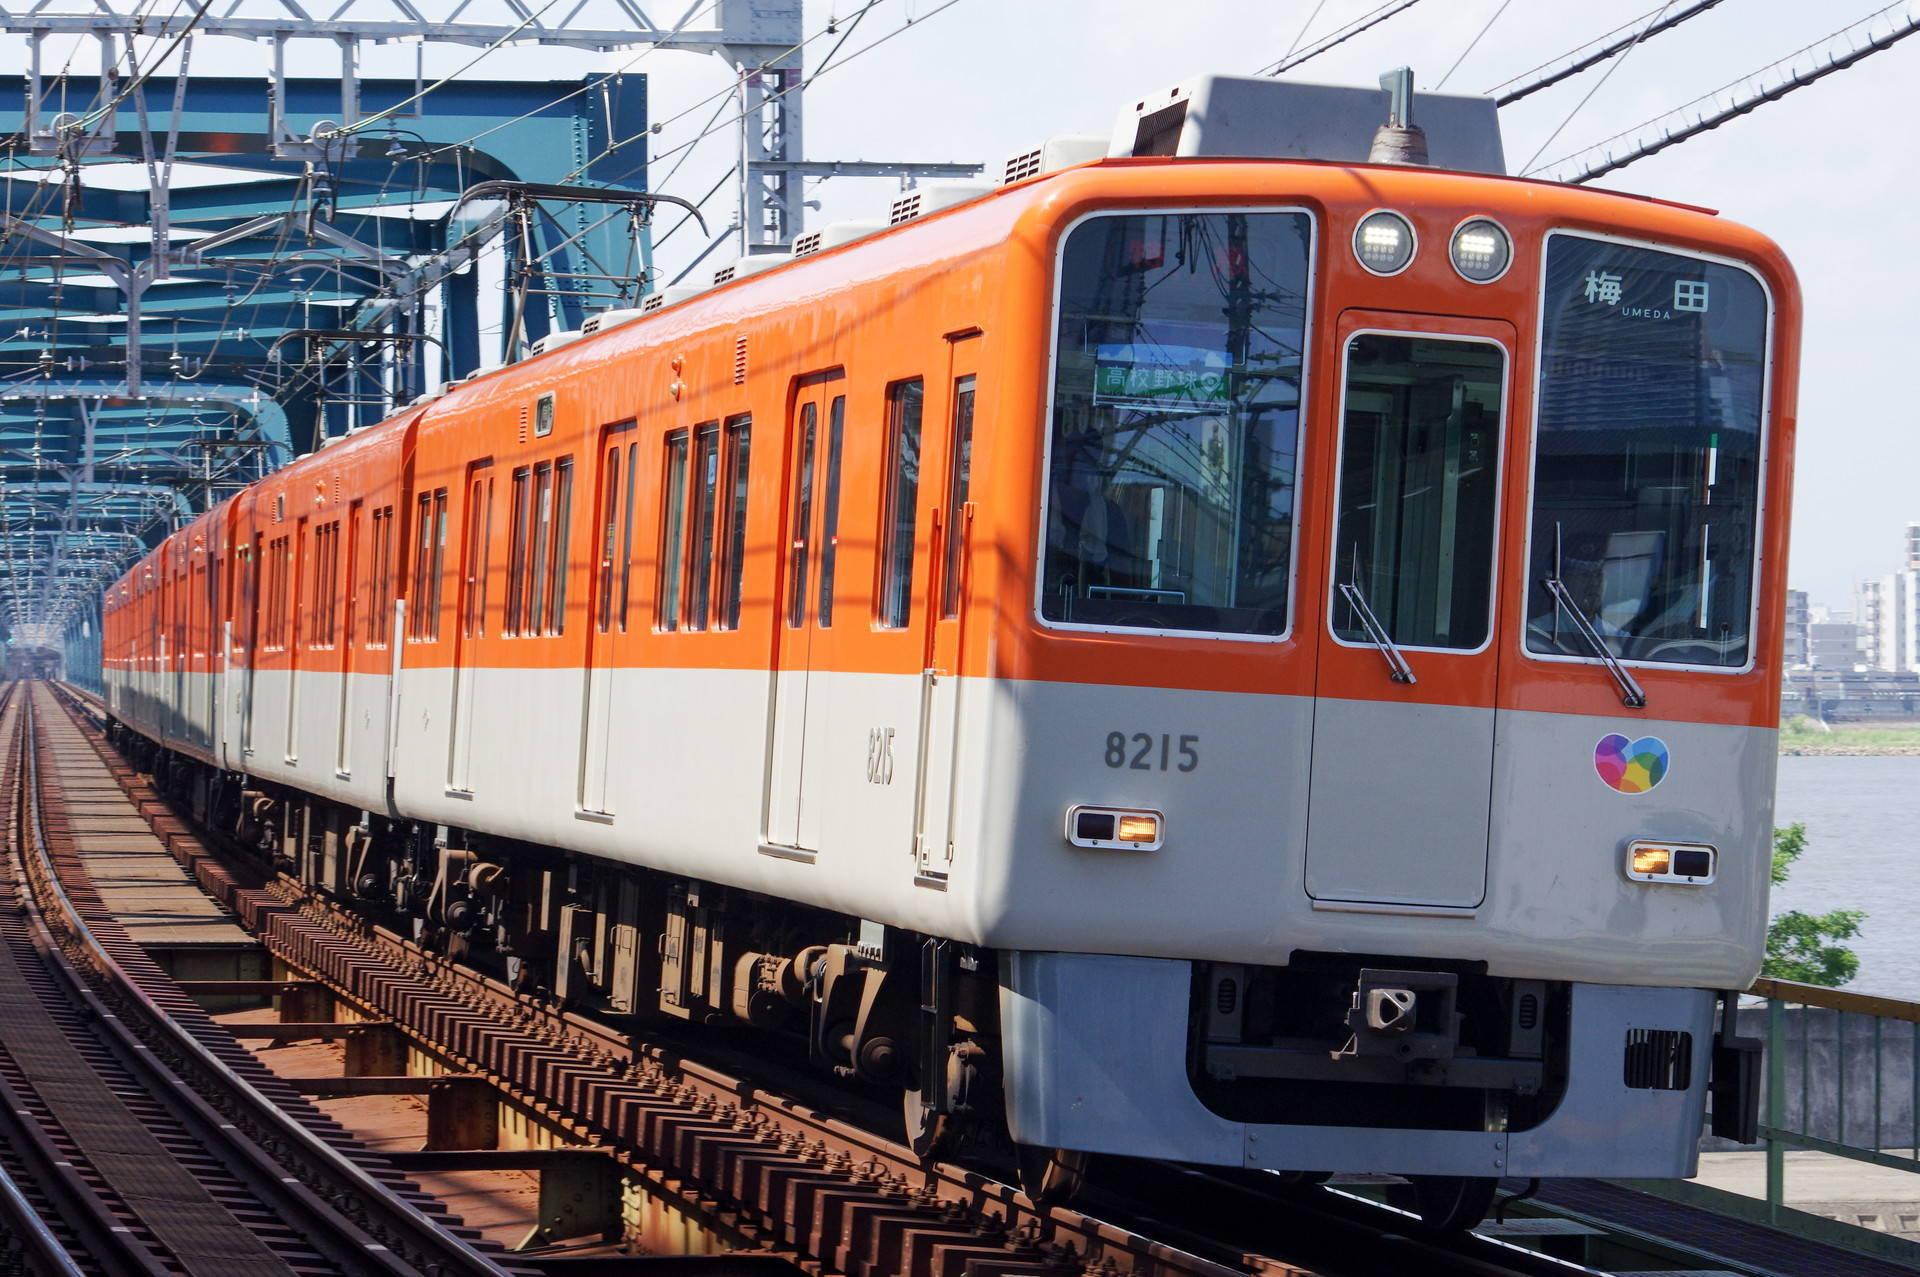 阪神 8000系8215編成 (高校野球副標)